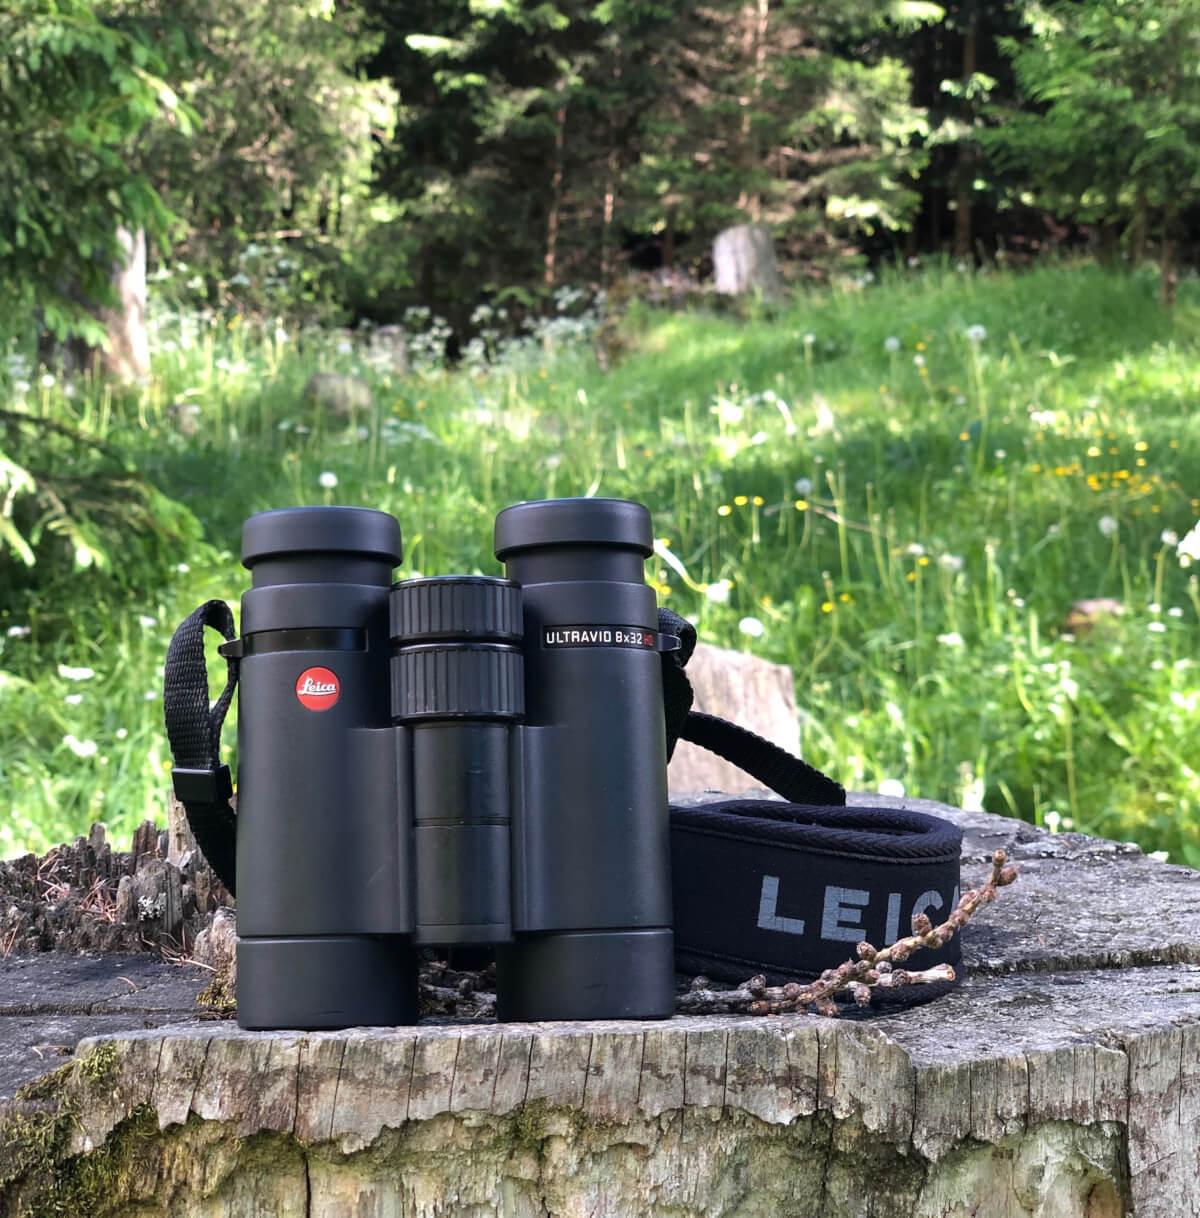 Leica Ultravid 8x32 HD-Plus. Dimensioni compatte per un binocolo specialistico di altissima qualità. Leica Natura Tatiana Chiavegato